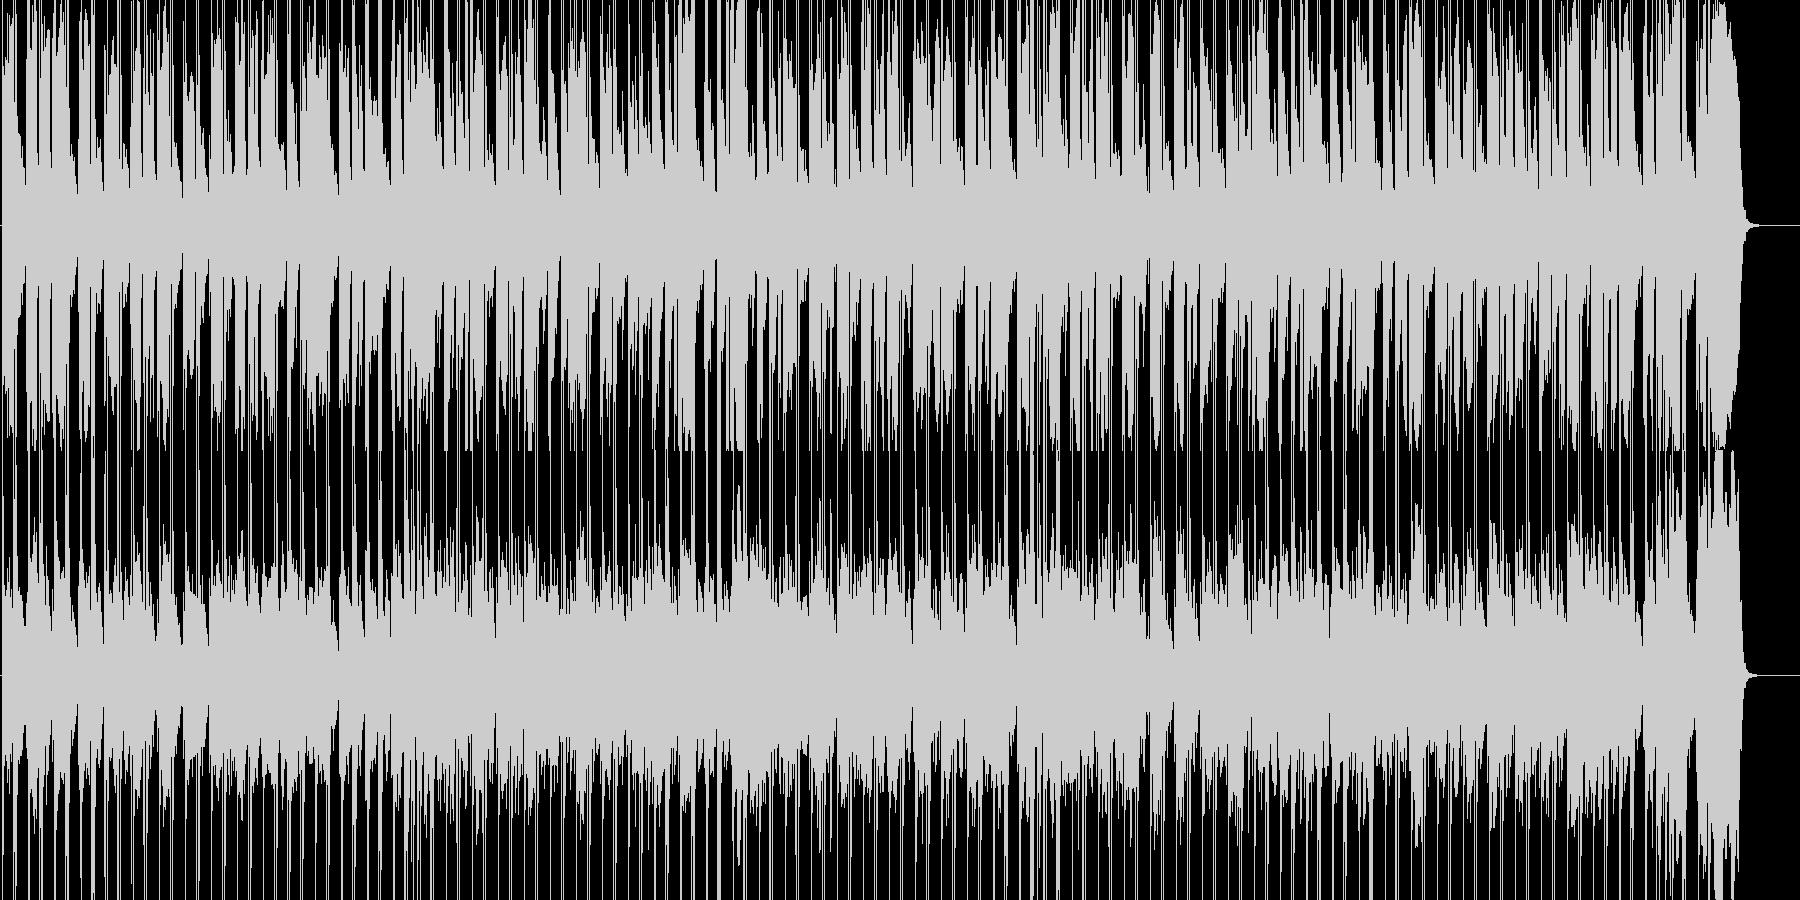 のんびり、軽快に前へ進むイメージの未再生の波形